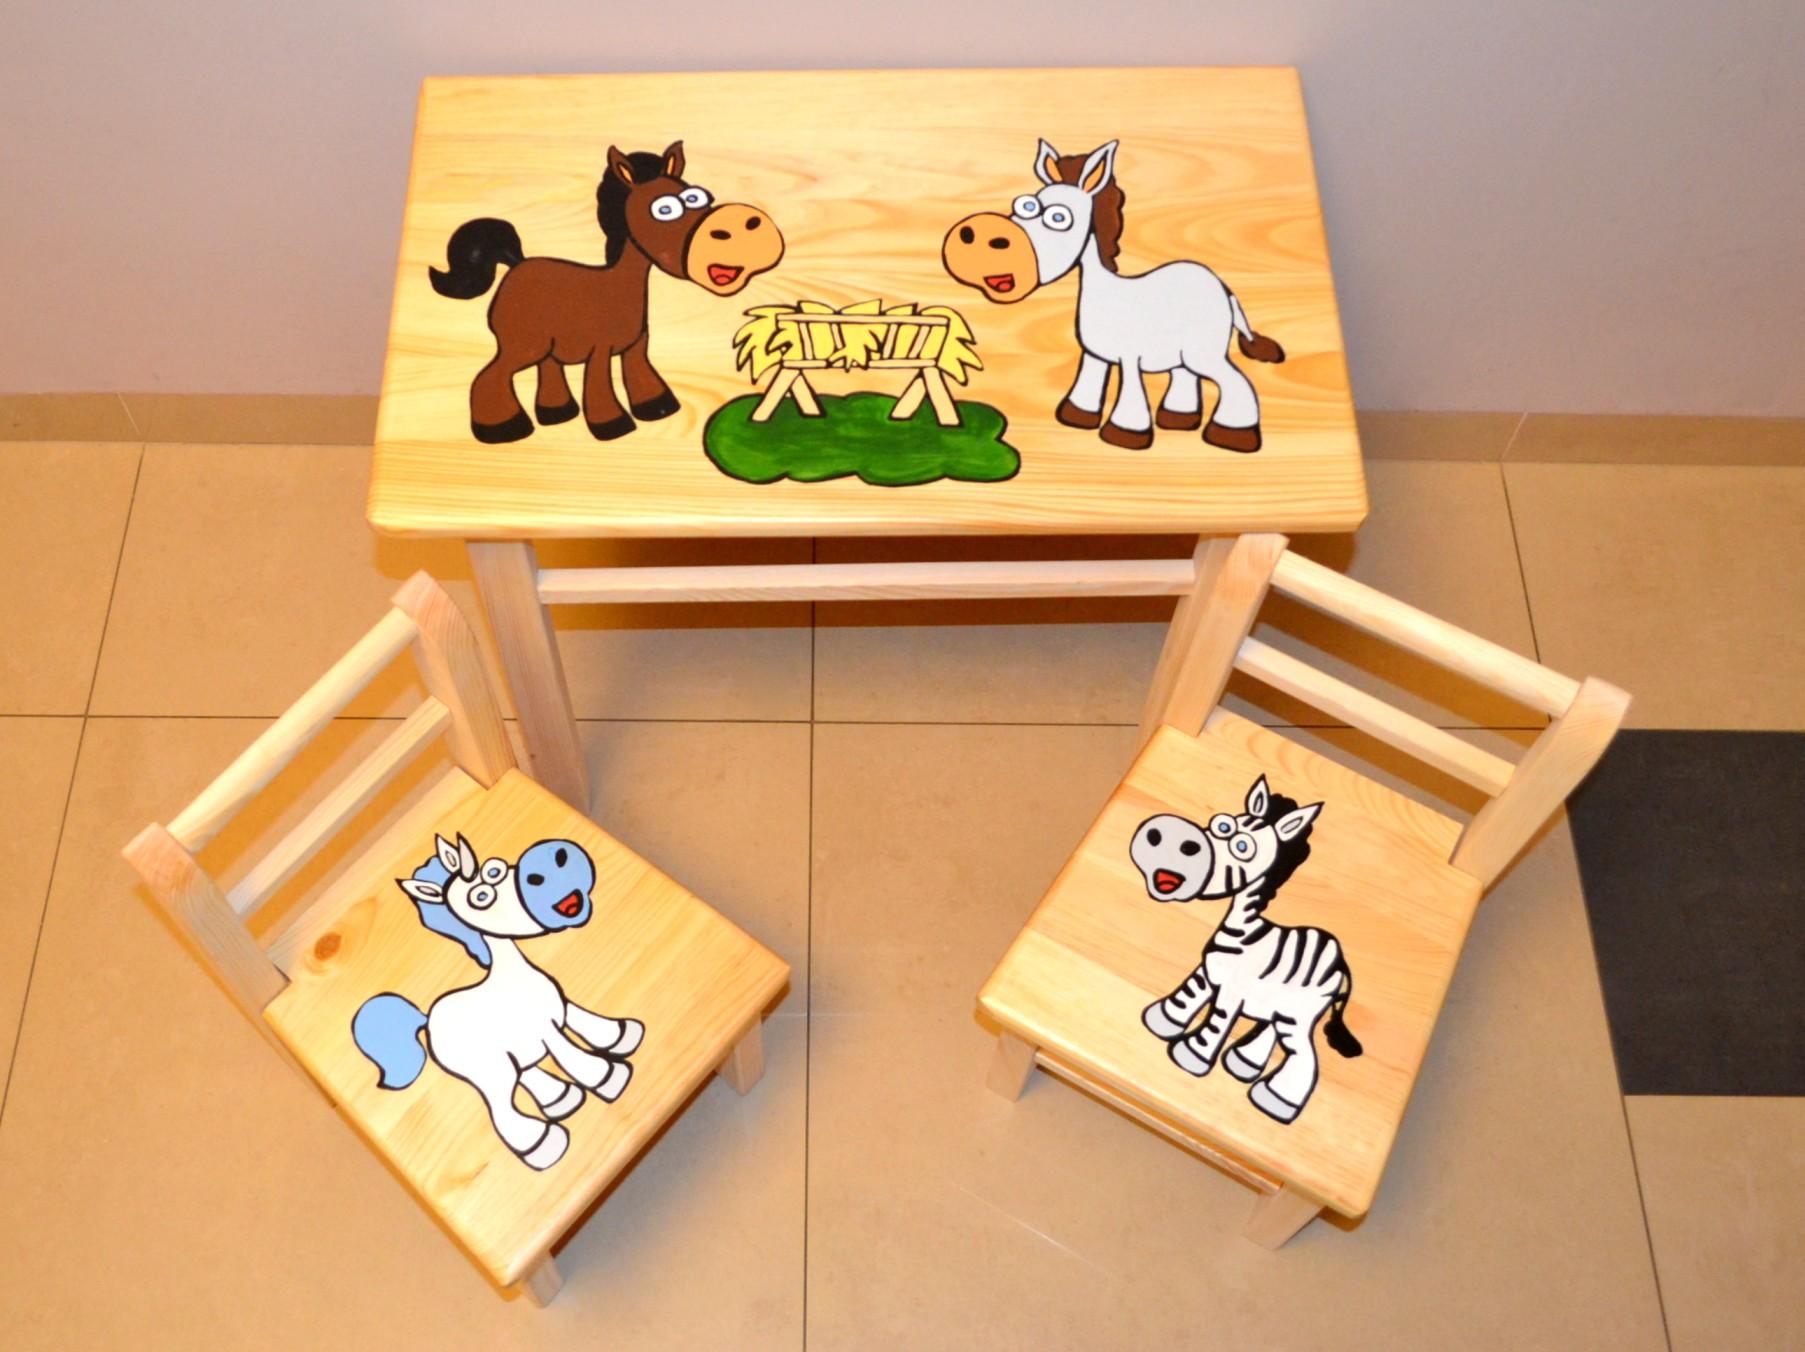 Sitzgruppe Für Kinderzimmer Tisch 2 Stühle SET Kinder